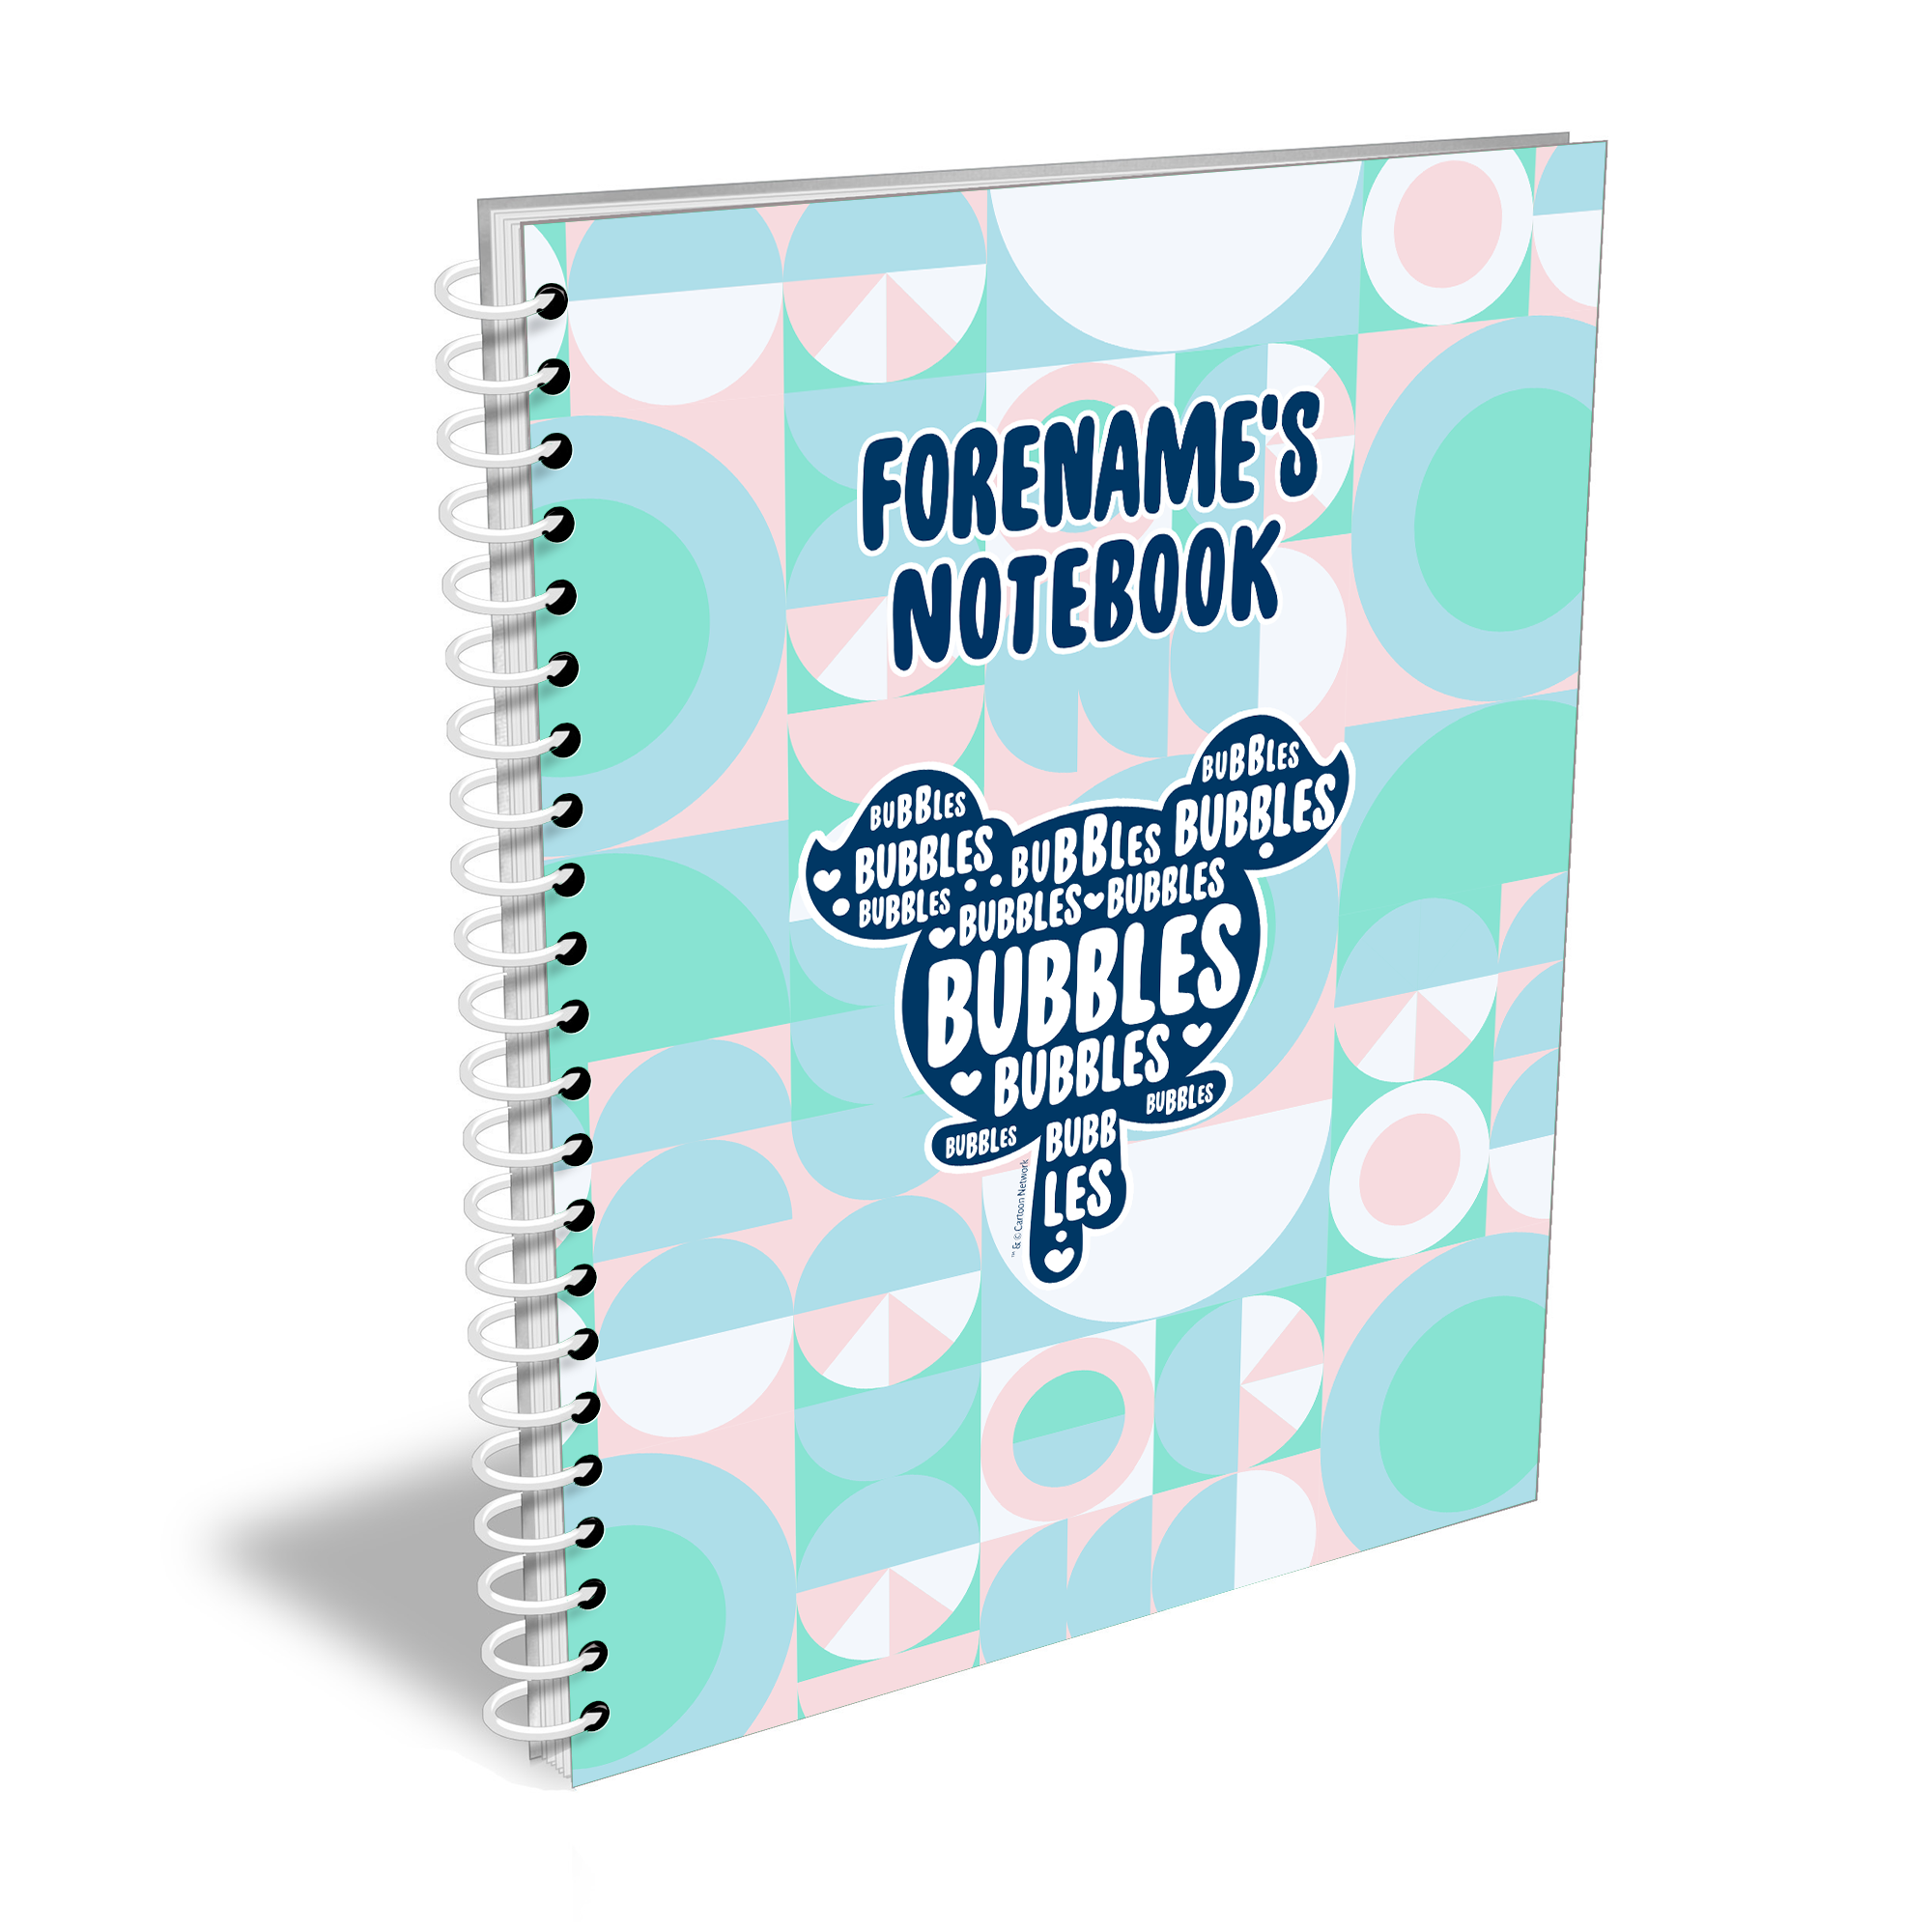 Powerpuff Girls Bubbles Silhouette A4 Notebook